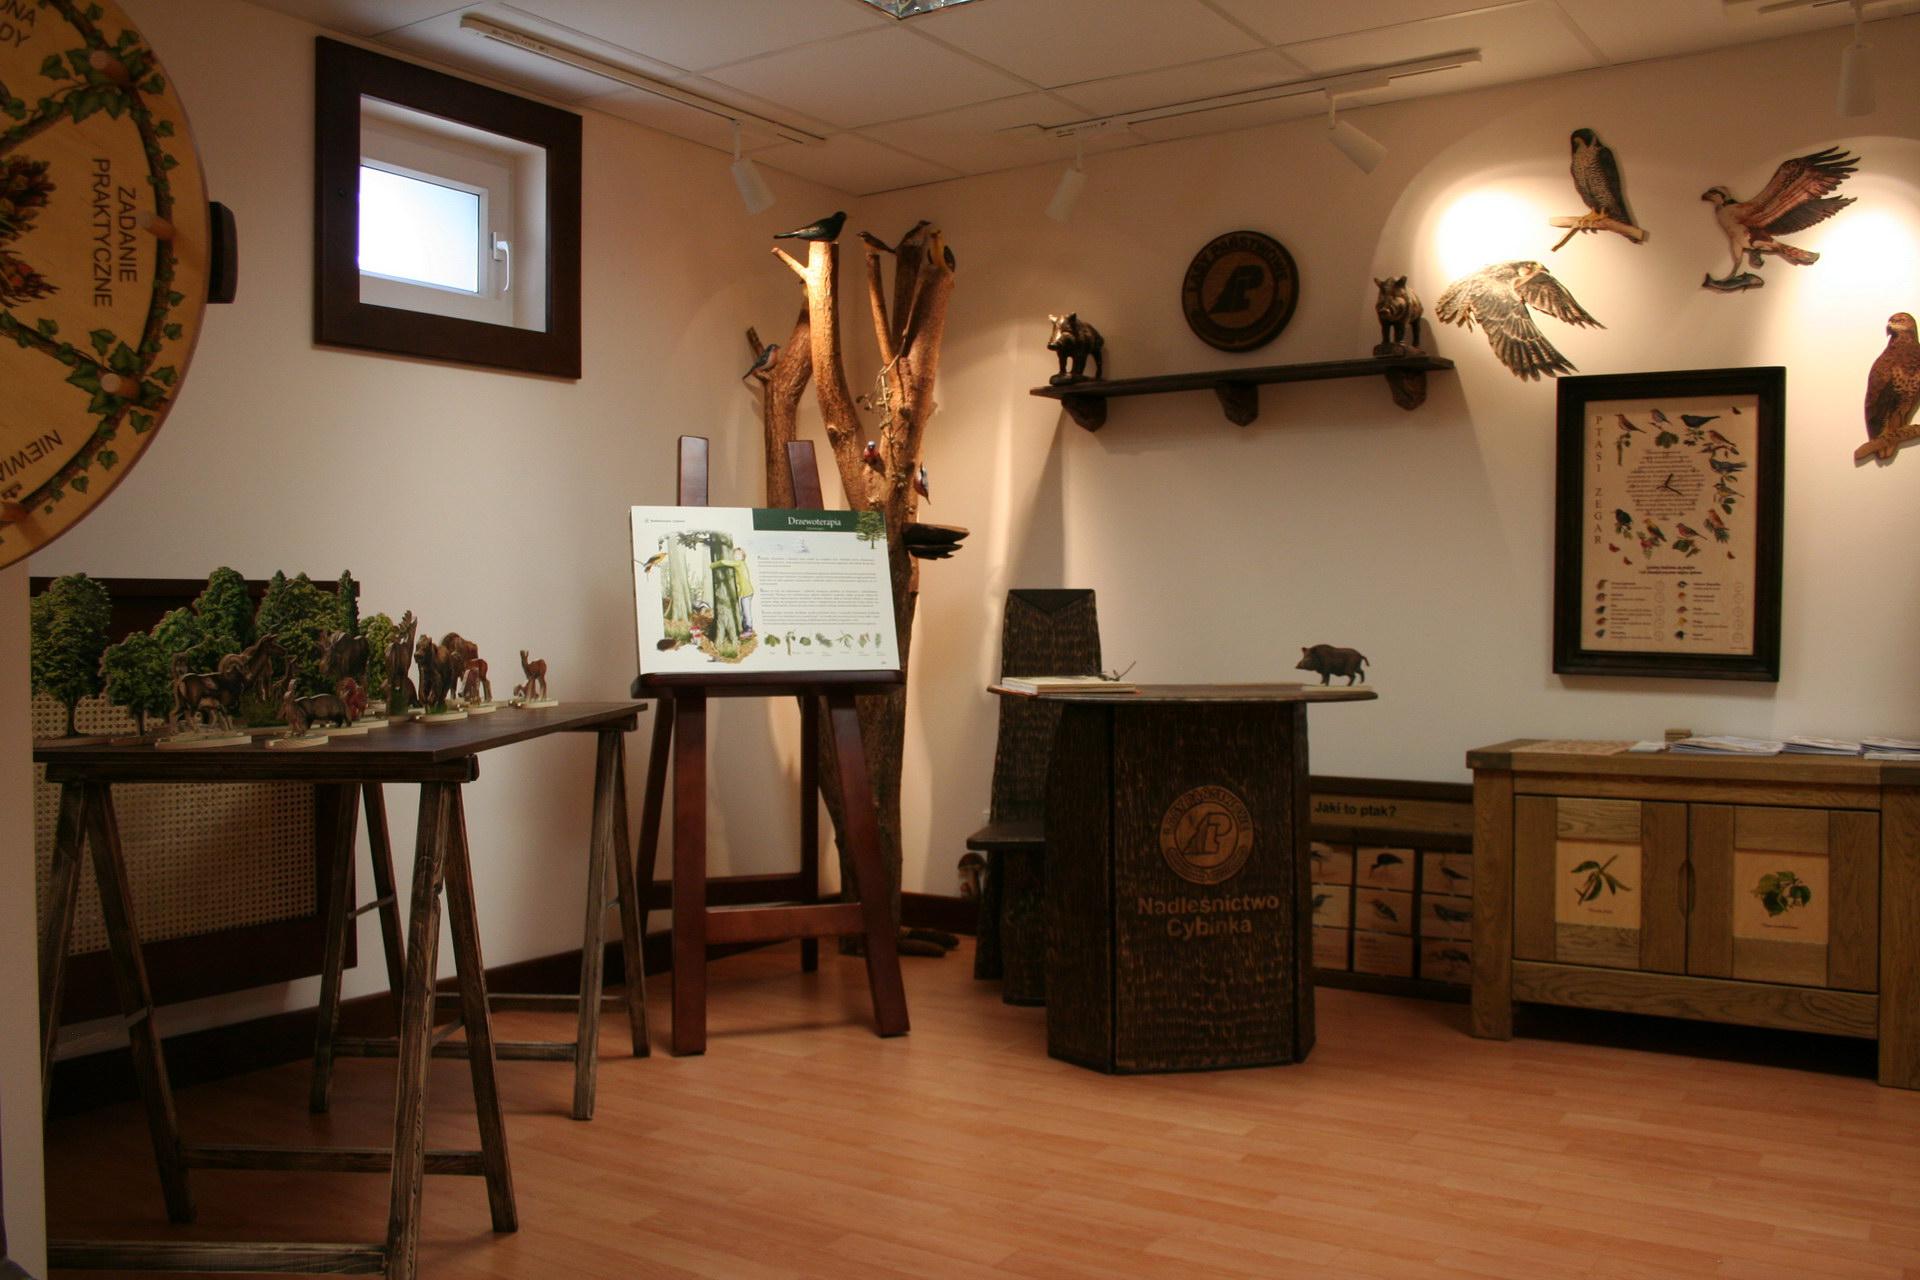 Izby edukacyjne lesne - sale przyrodnicze, wystroj wnetrz - Nadlesnictwo Cybinka (6)